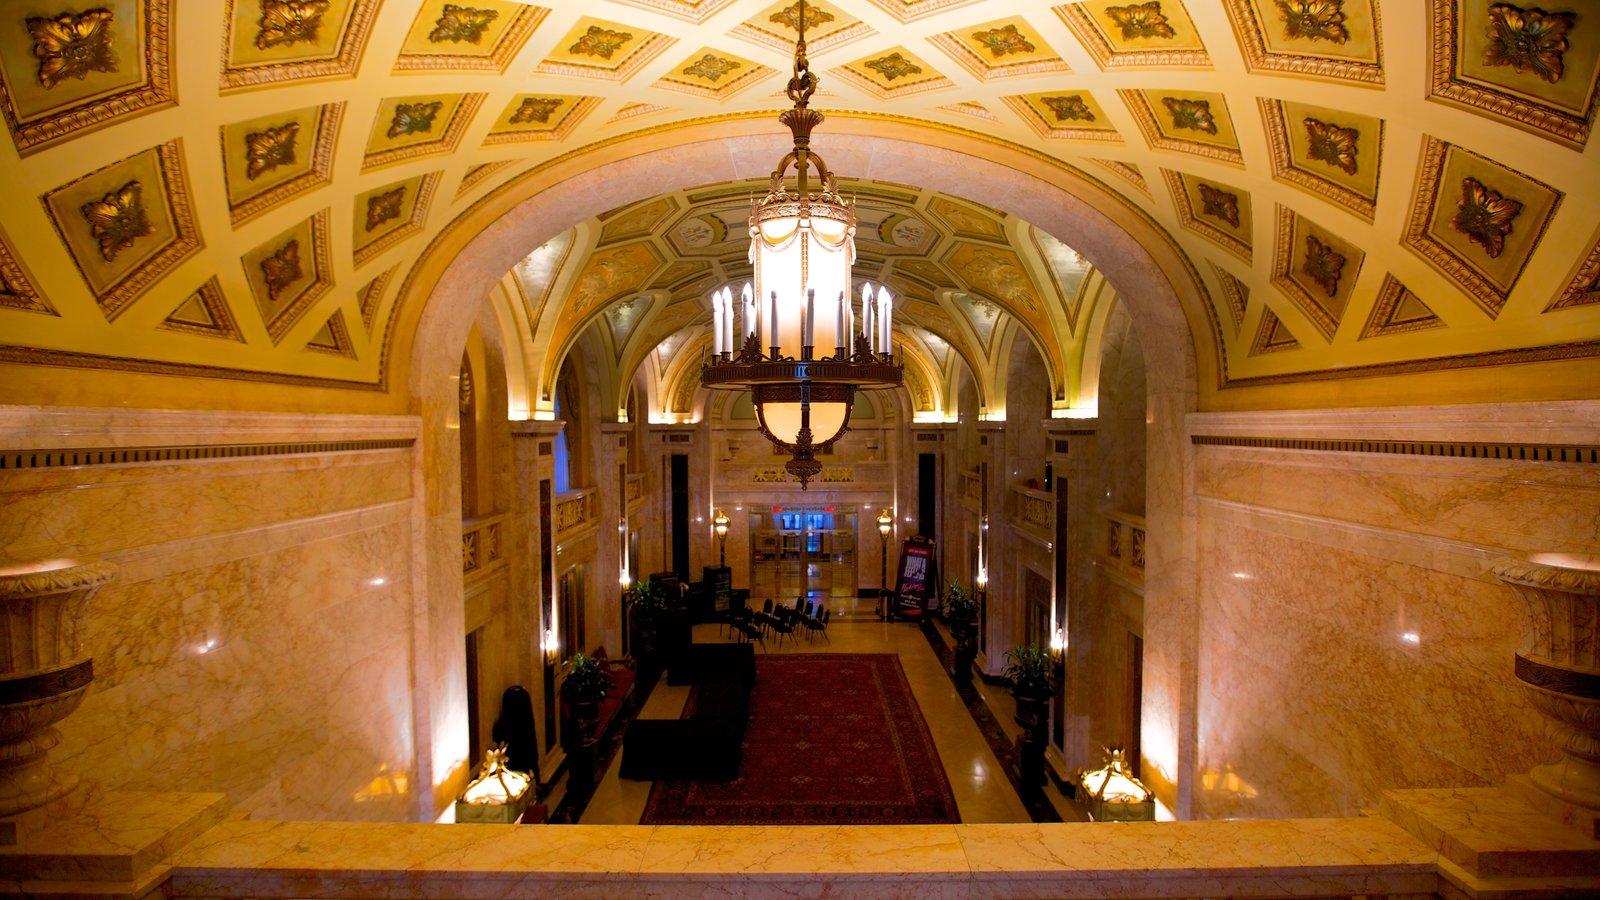 Hershey Theater mostrando vistas internas, cenas de teatro e arquitetura de patrimônio